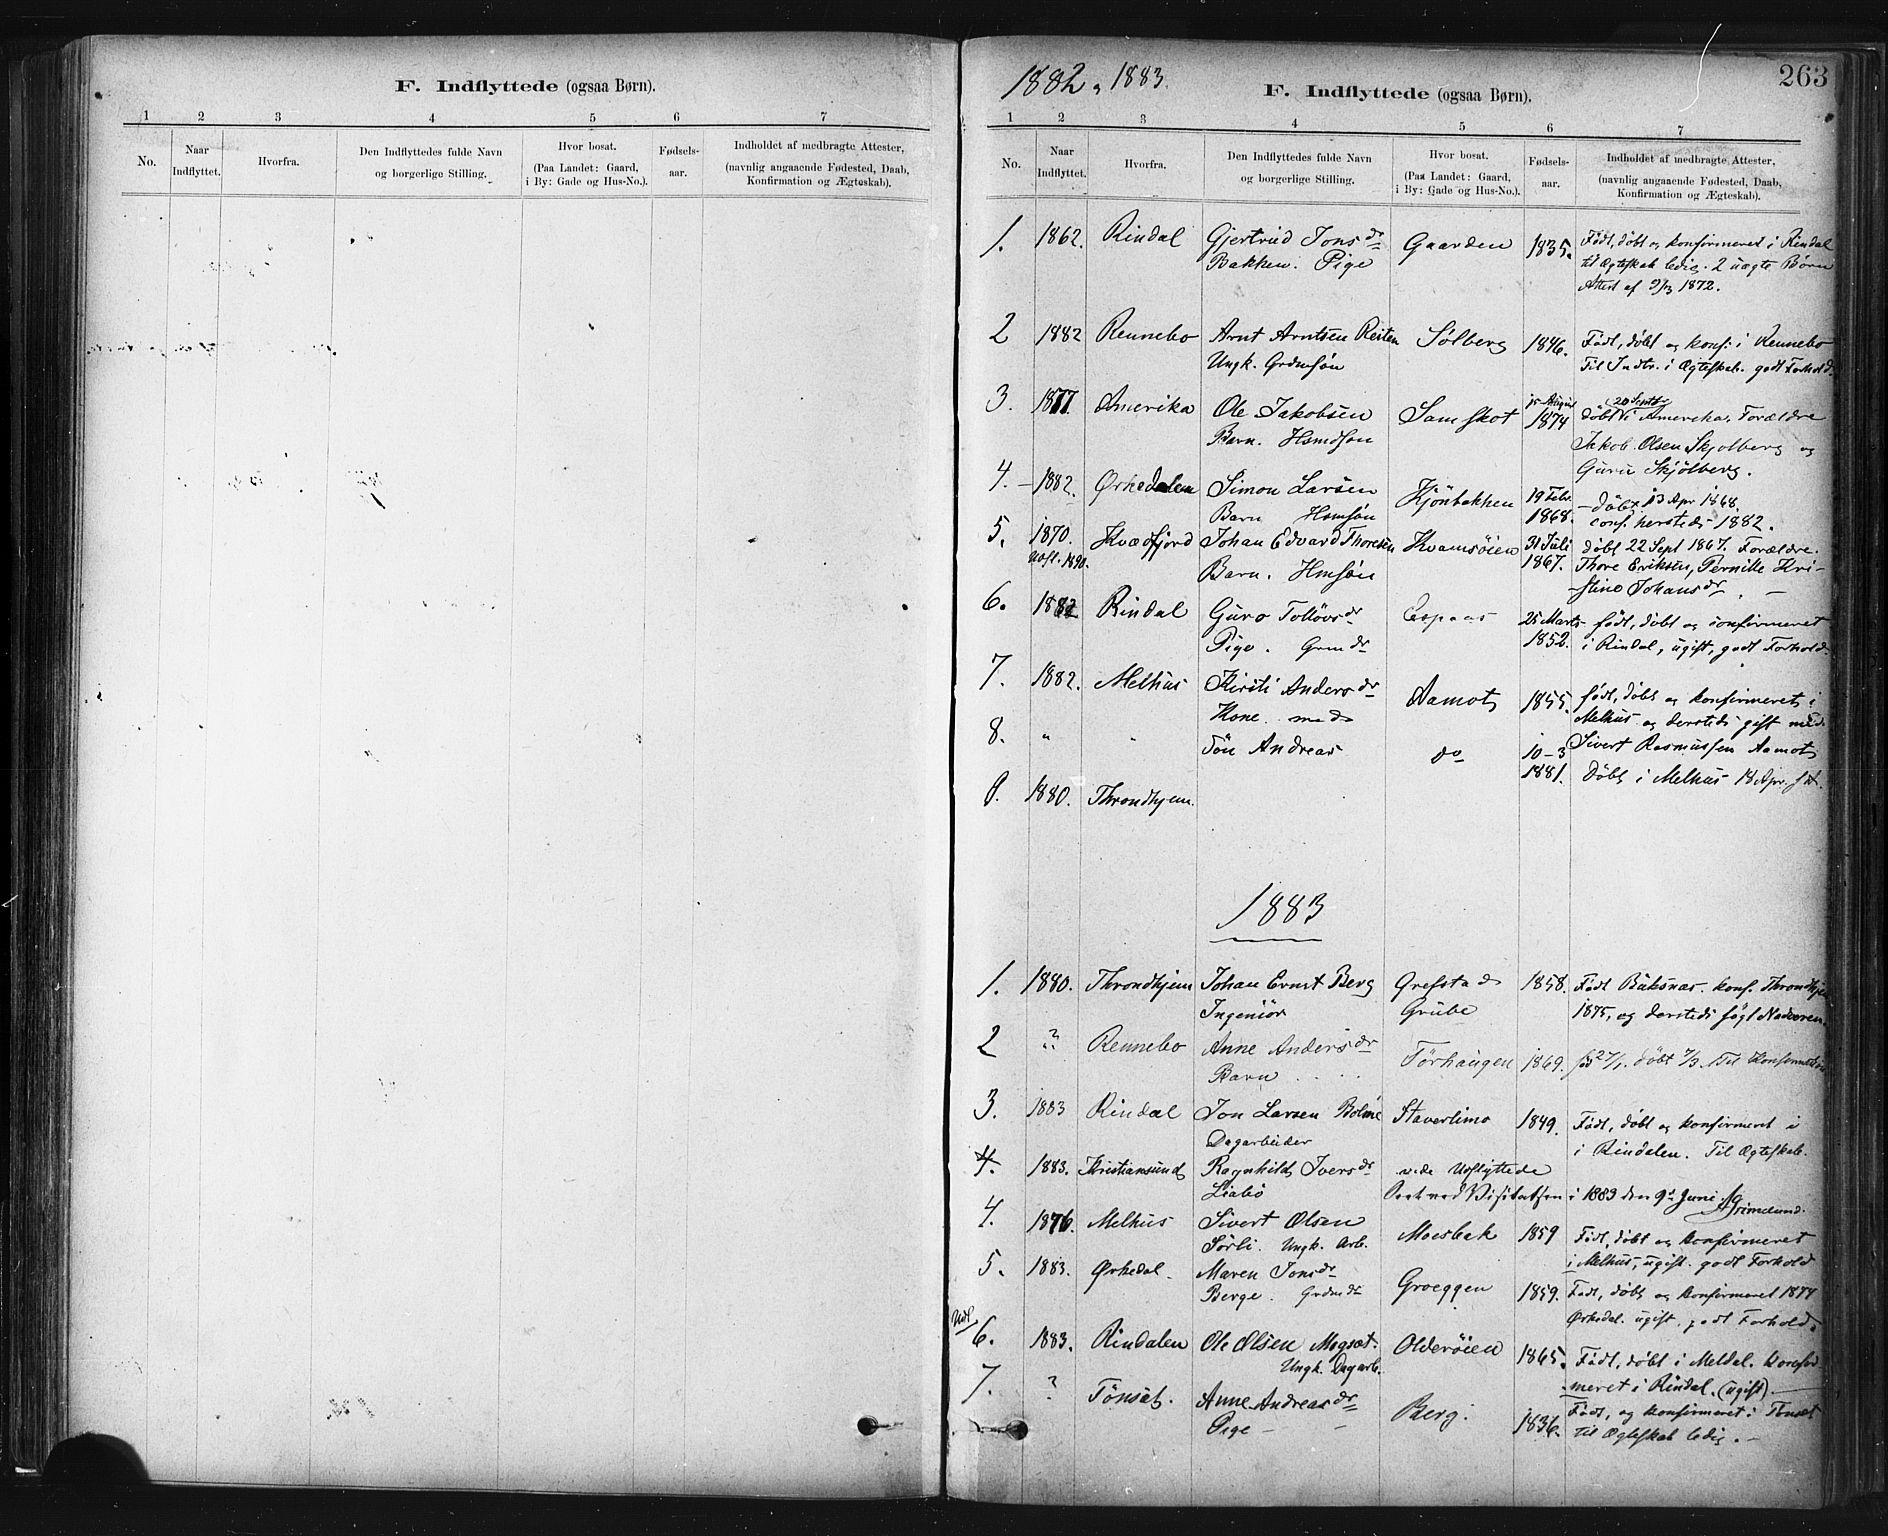 SAT, Ministerialprotokoller, klokkerbøker og fødselsregistre - Sør-Trøndelag, 672/L0857: Ministerialbok nr. 672A09, 1882-1893, s. 263